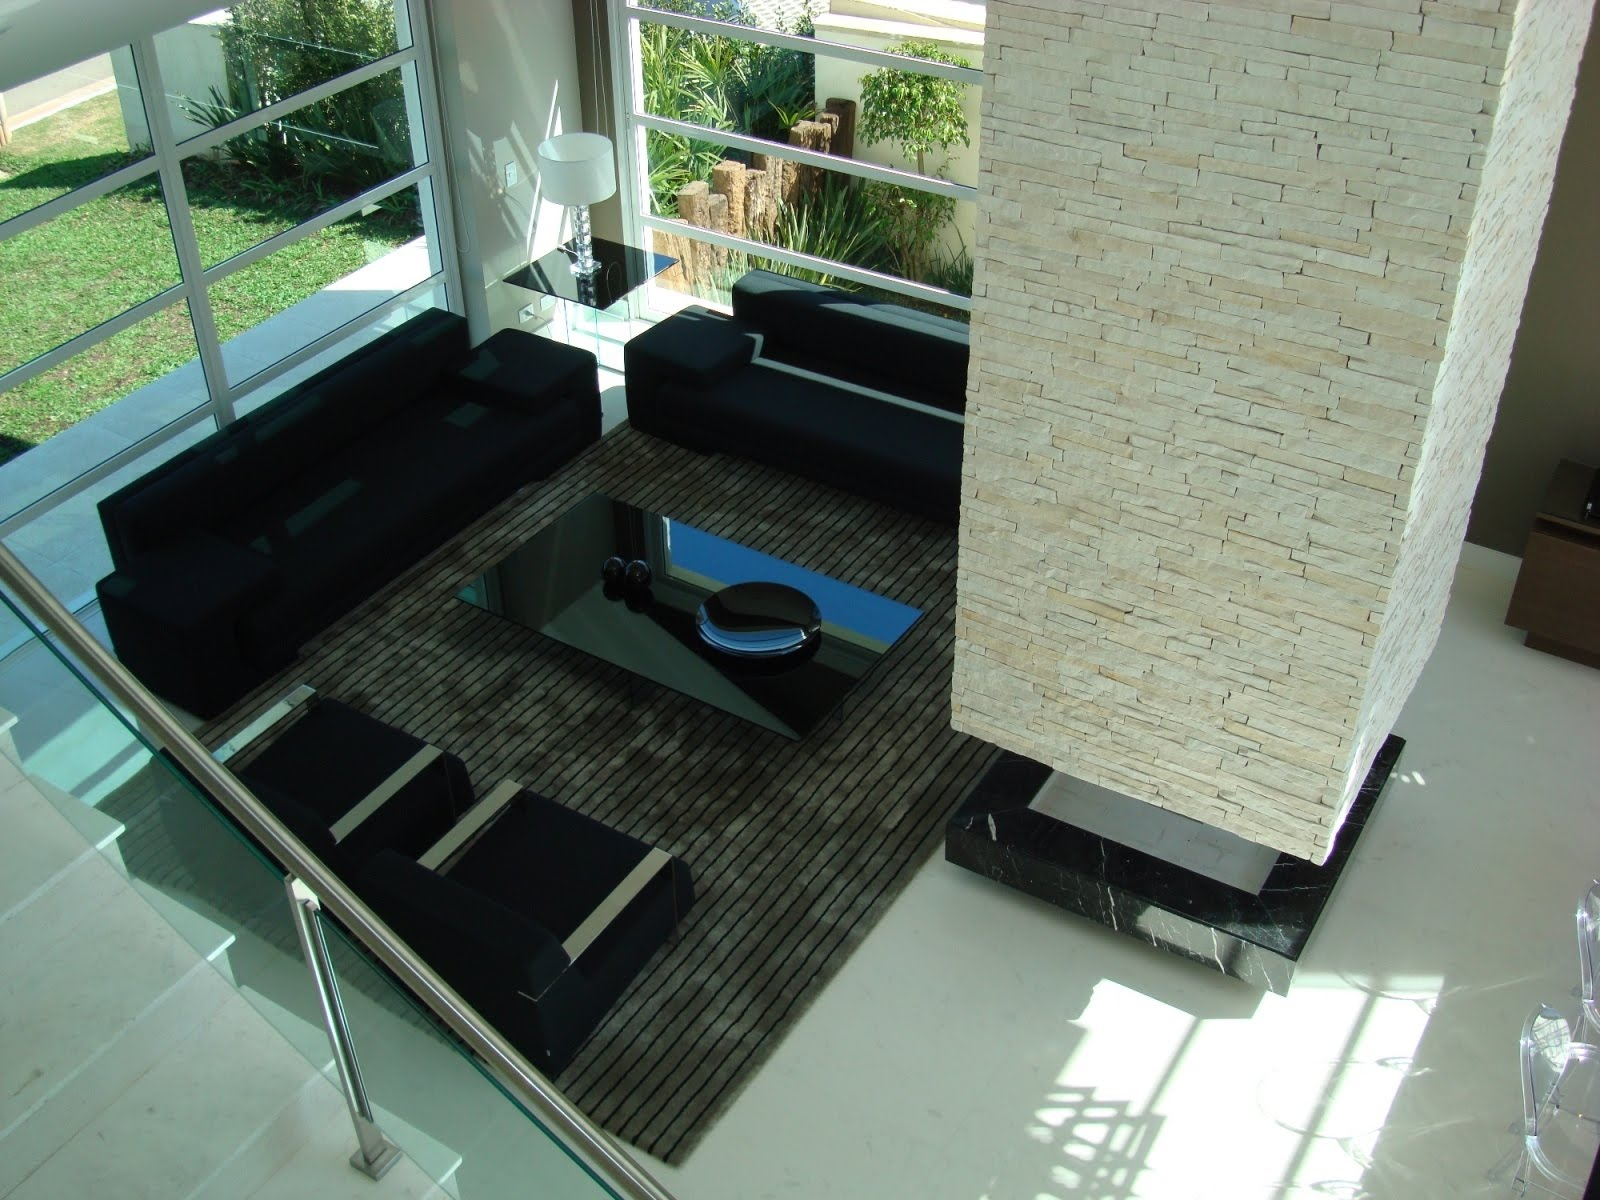 Construindo Minha Casa Clean: Estilos de Decoração!!! Nas Fachadas e  #3E6871 1600 1200